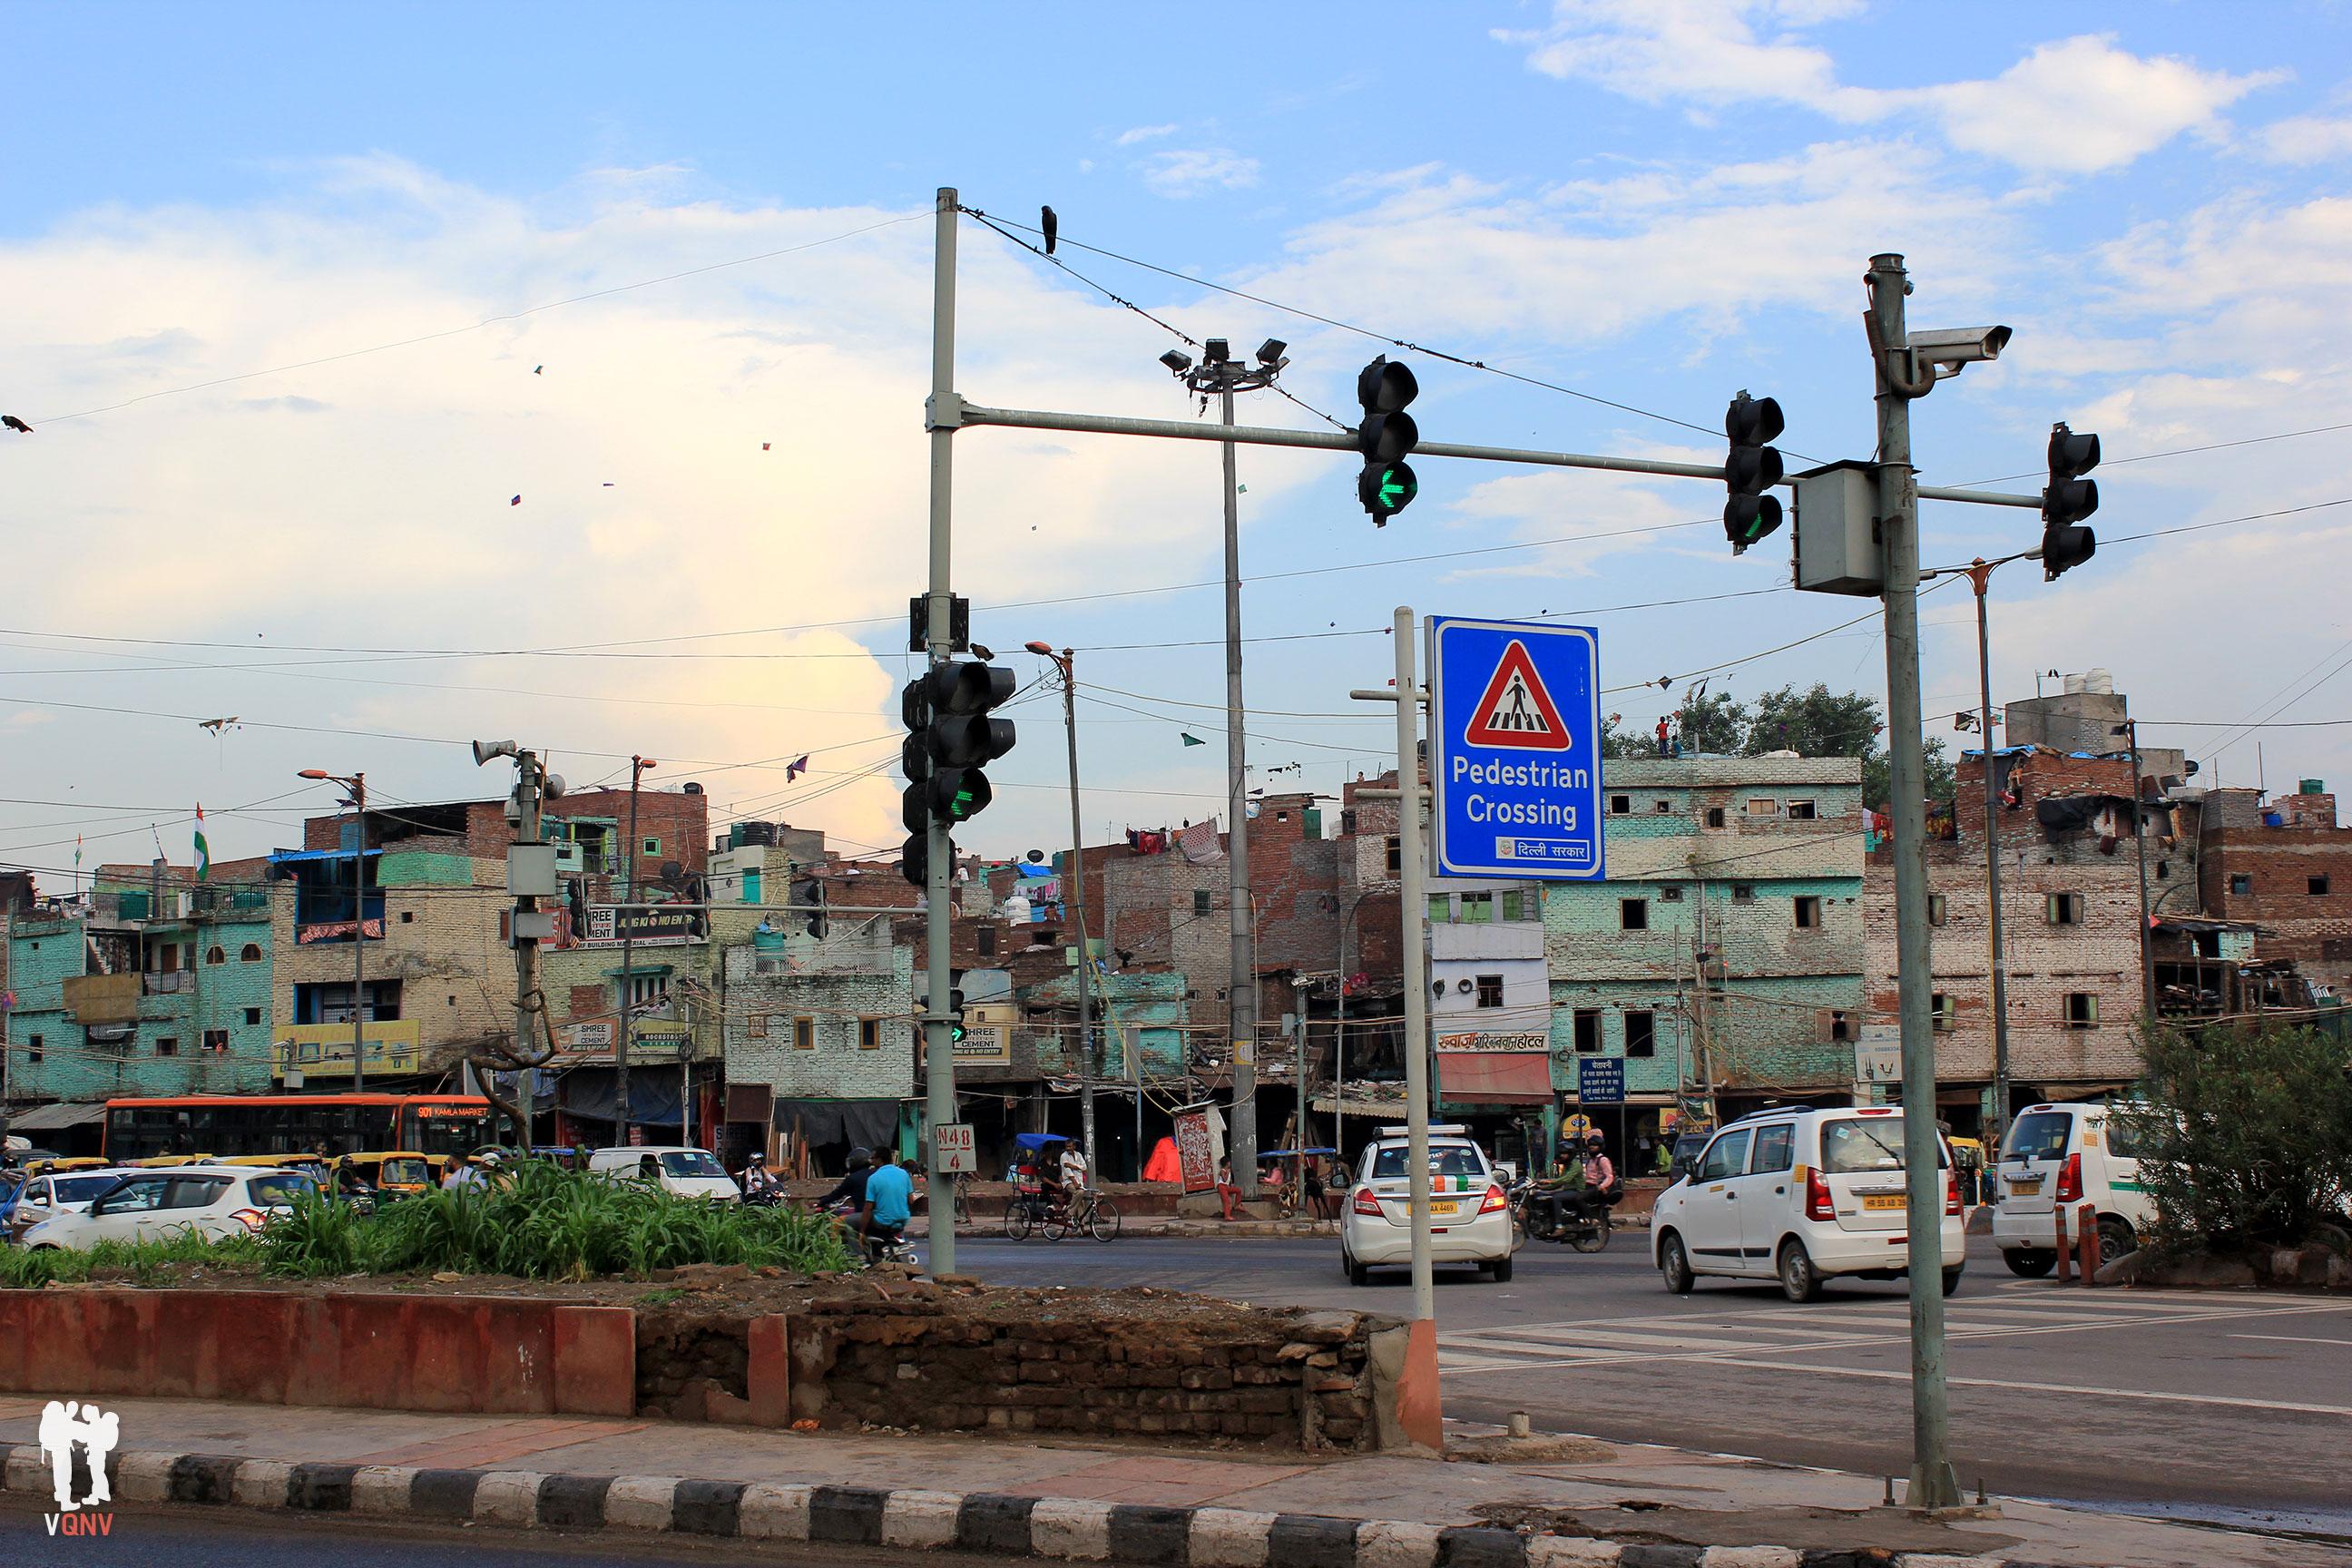 Callejeando por Delhi